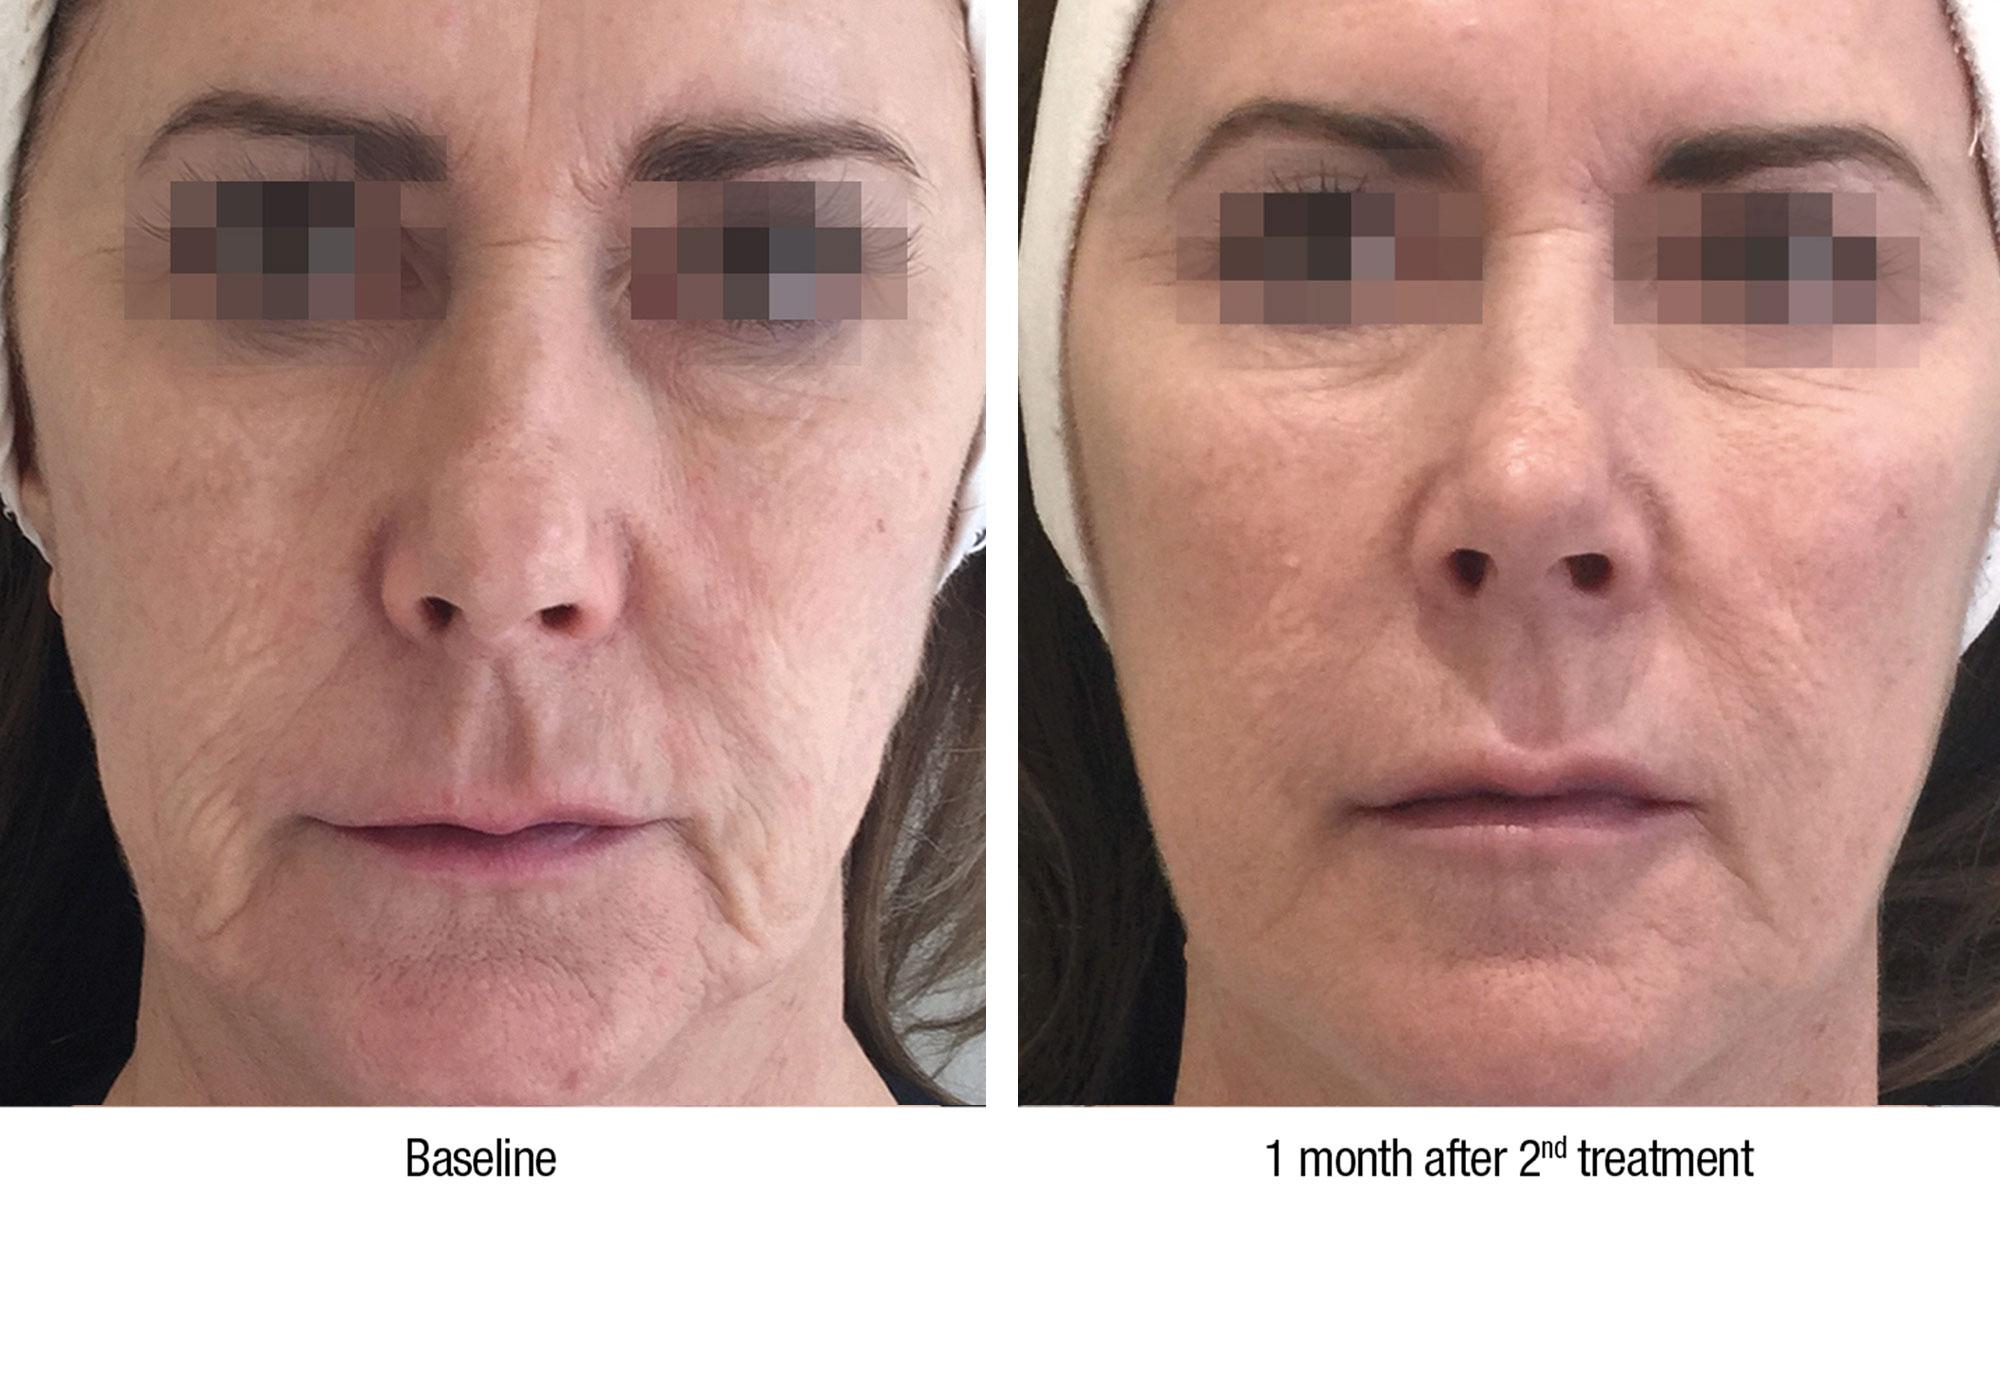 Profilho - Cosmetisch arts, cosmetische behandelingen. Erkend en geregistreerd